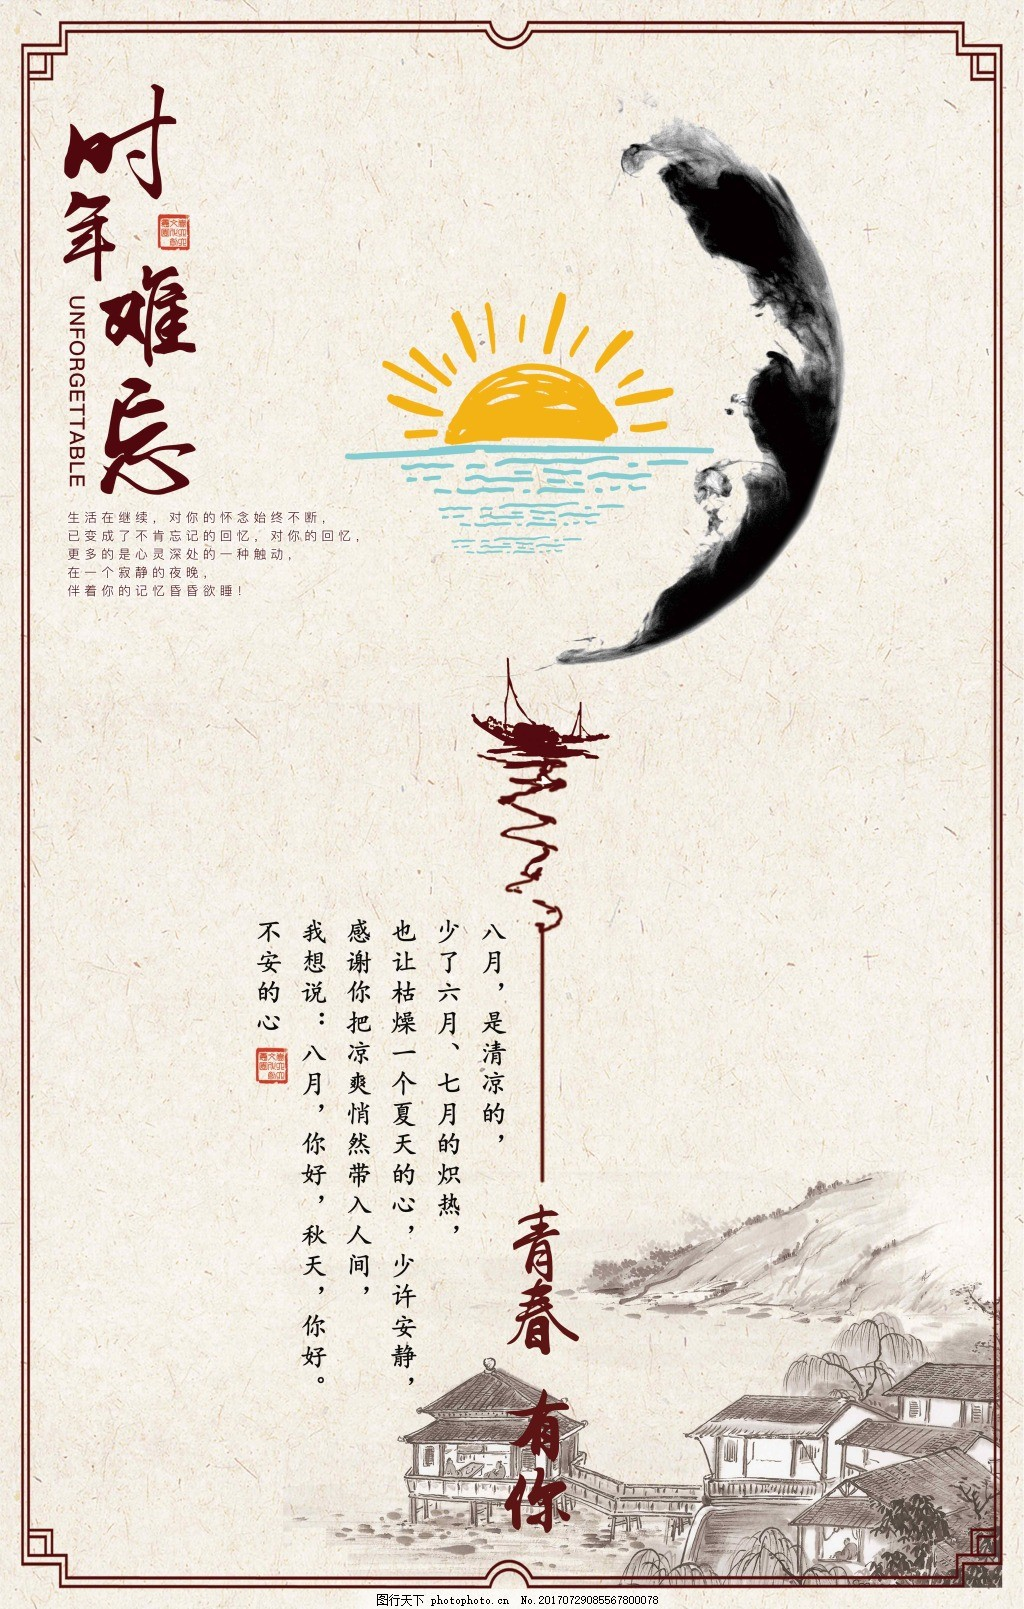 青春有你海报 徽文化 企业文化海报 宣传单 青春设计海报 徽州